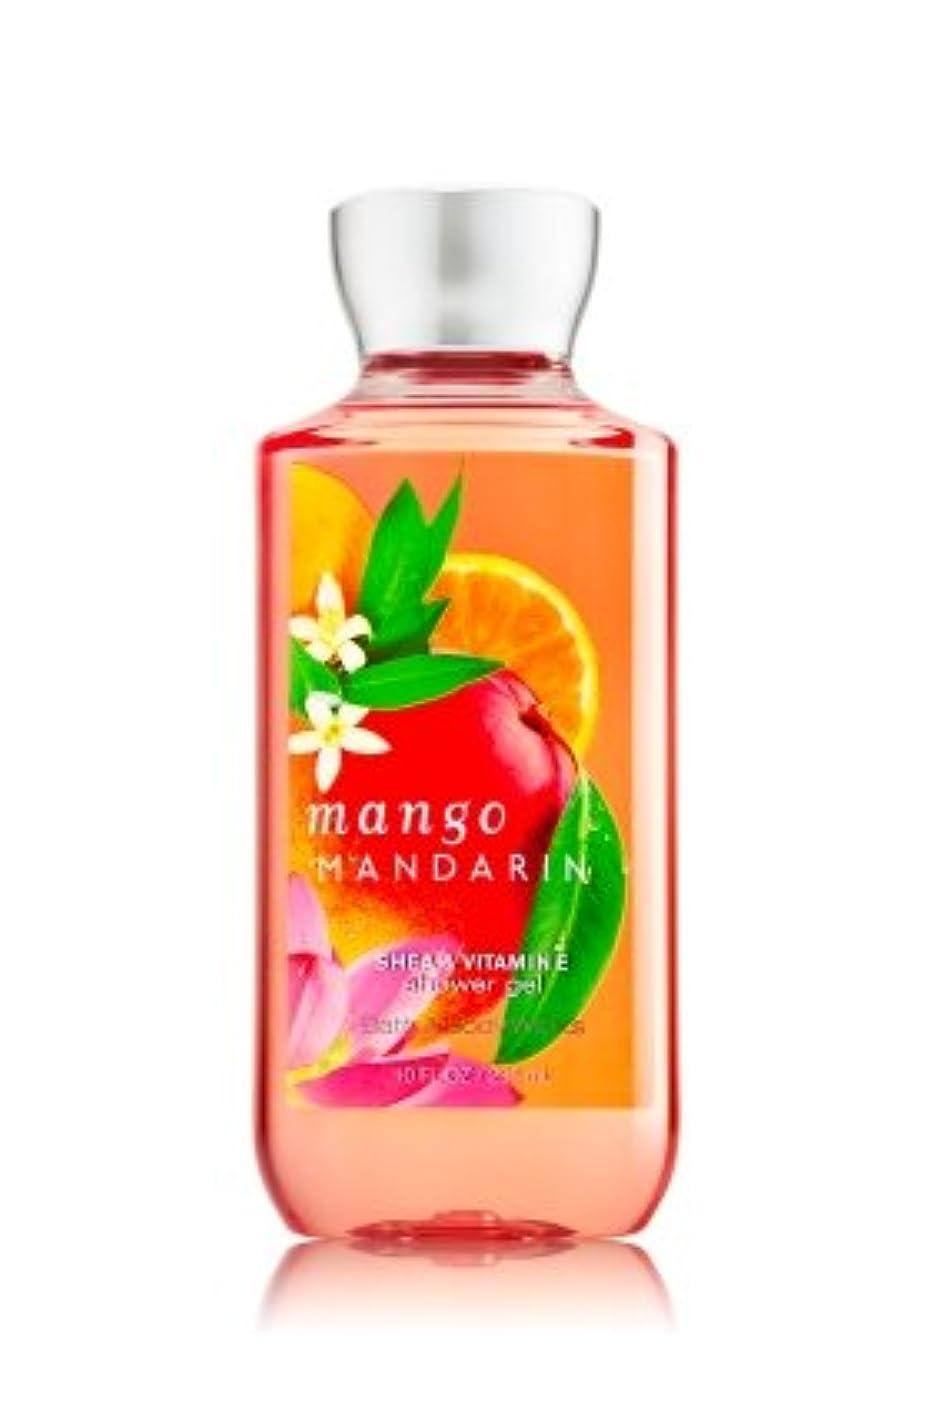 初期の肉チーズ【Bath&Body Works/バス&ボディワークス】 シャワージェル マンゴーマンダリン Shower Gel Mango Mandarin 10 fl oz / 295 mL [並行輸入品]